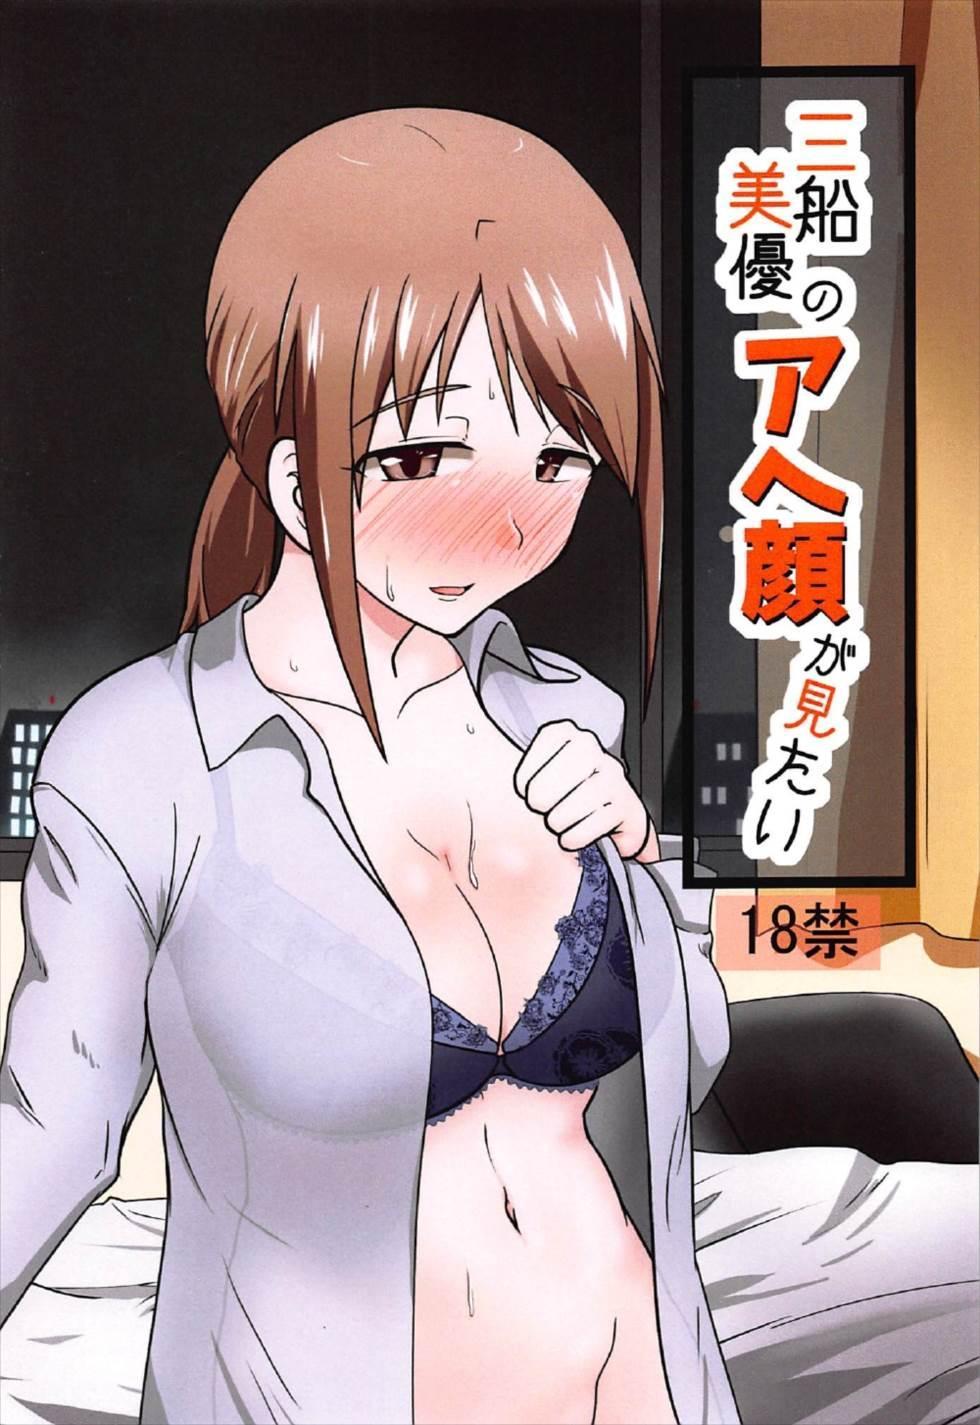 Mifune Miyu no Ahegao ga Mitai 0